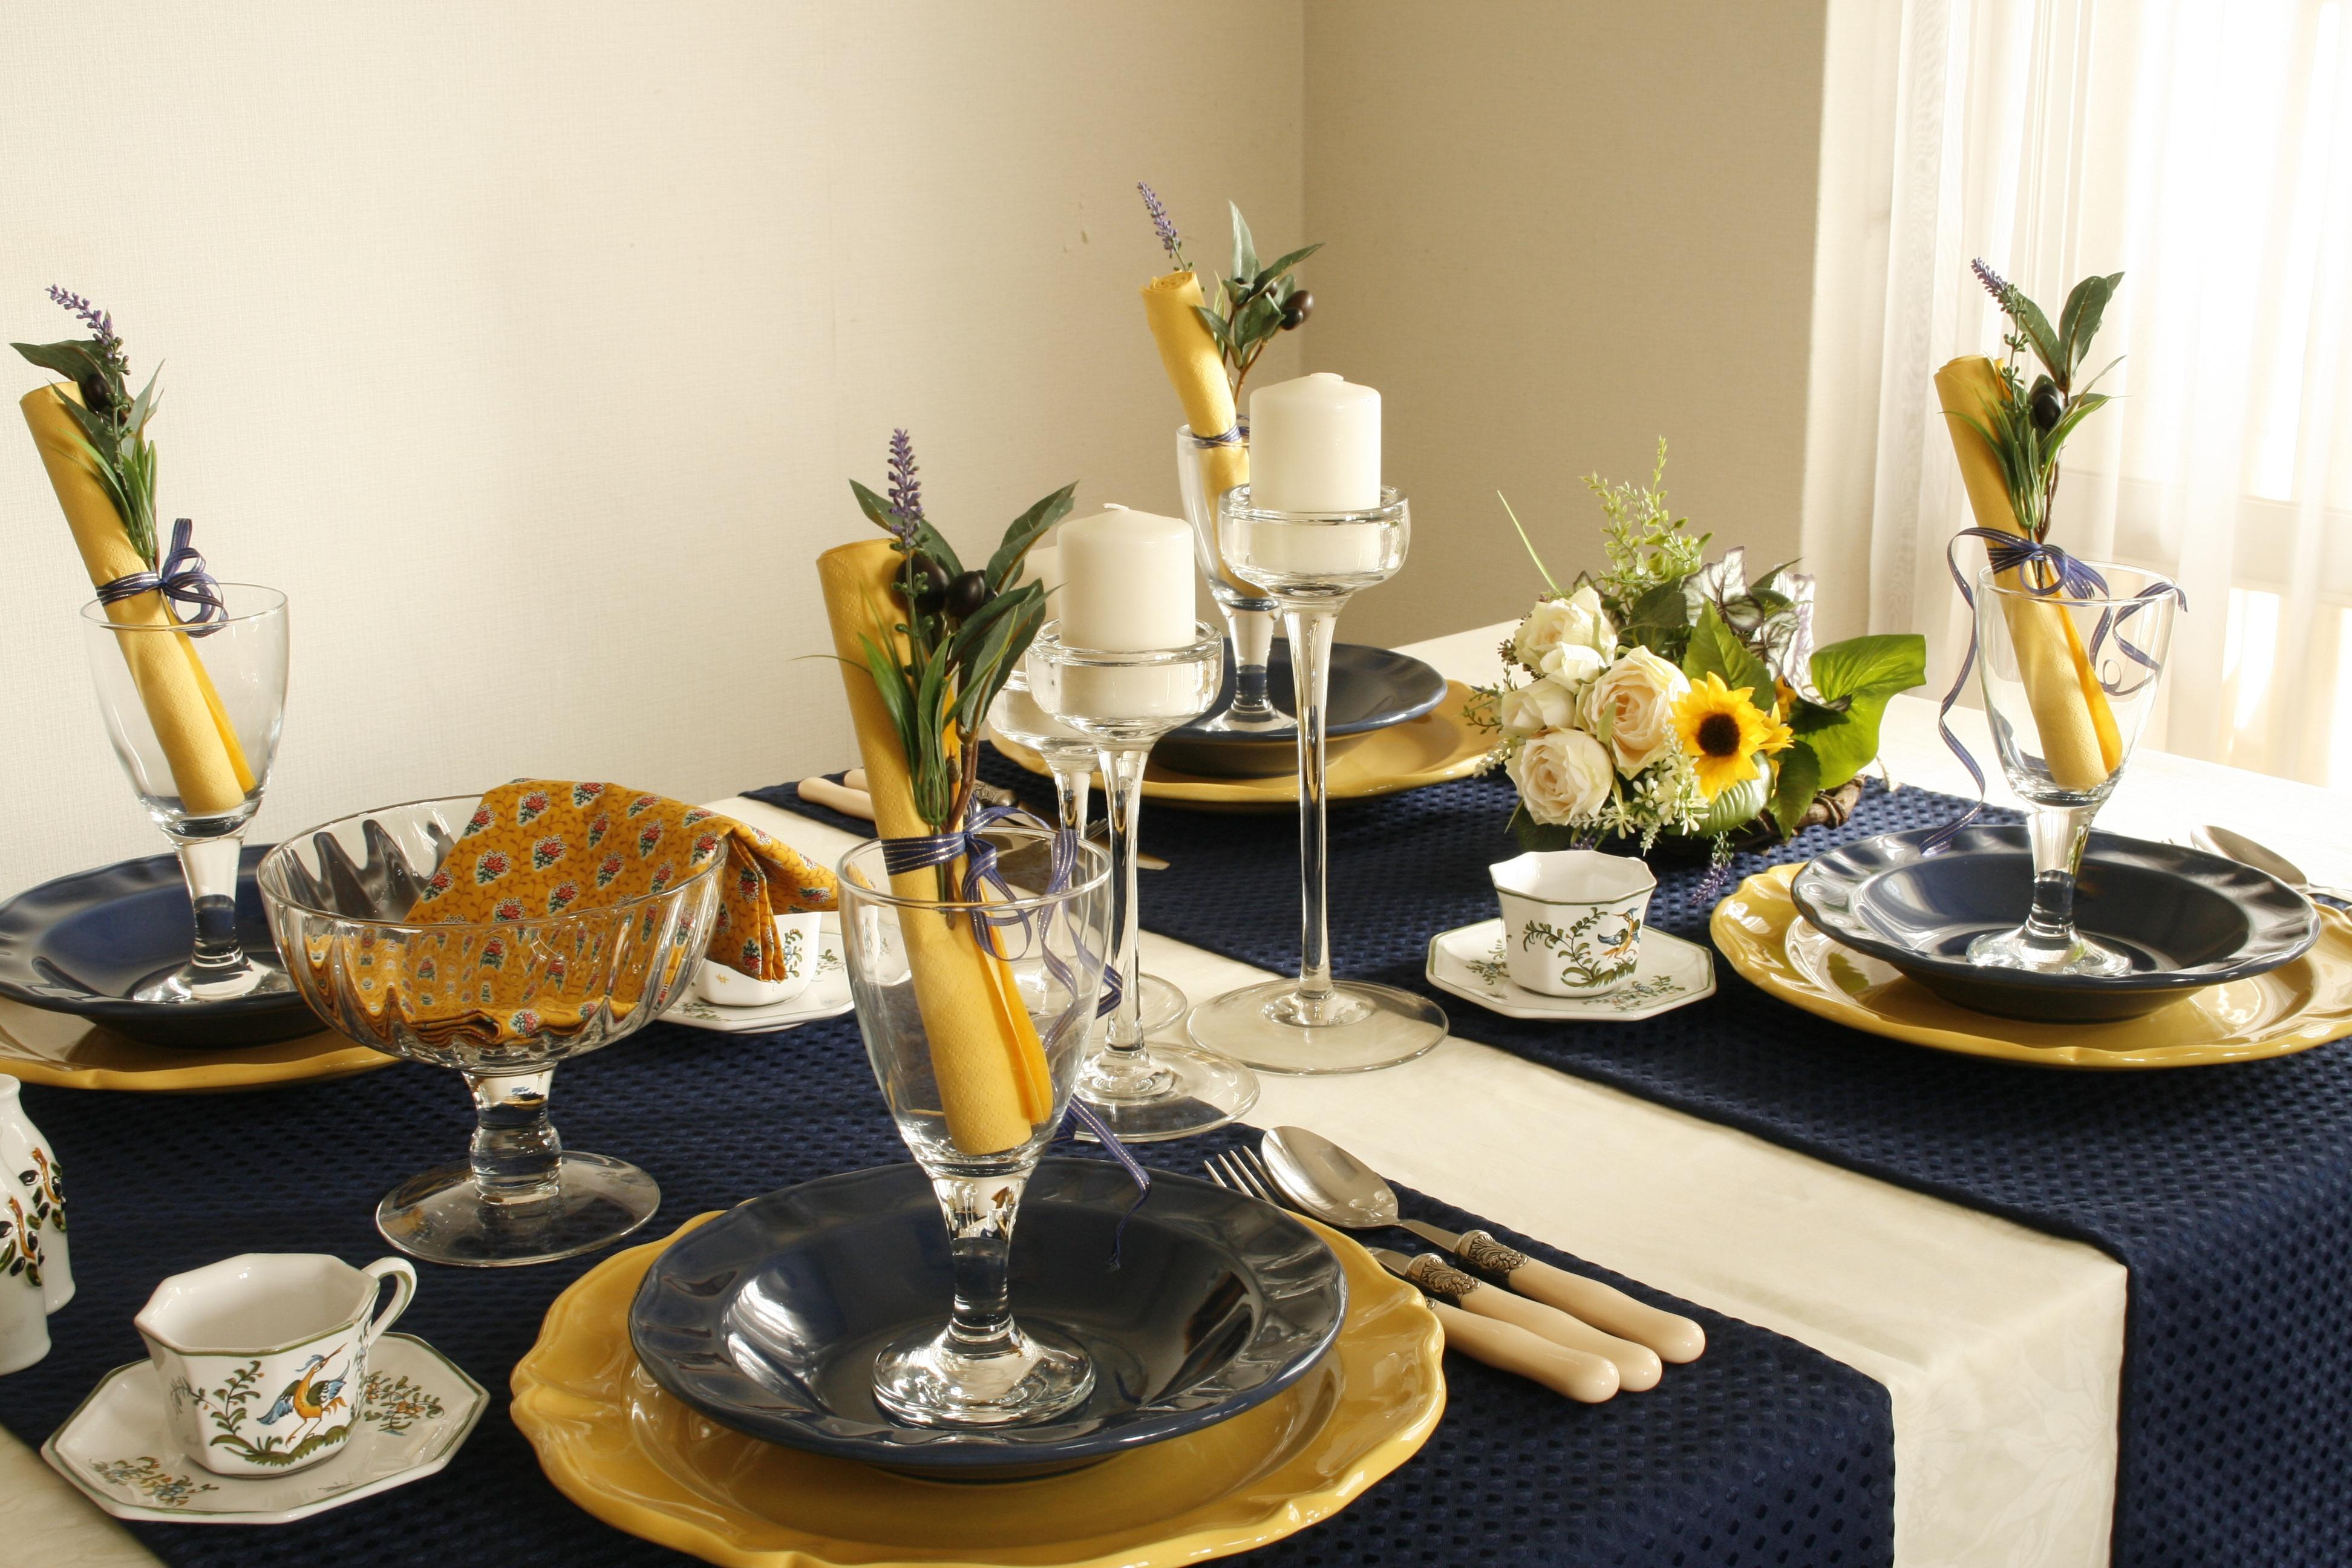 무료 이미지 : 표, 레스토랑, 식사, 가구, 조명, 인테리어 디자인 ...